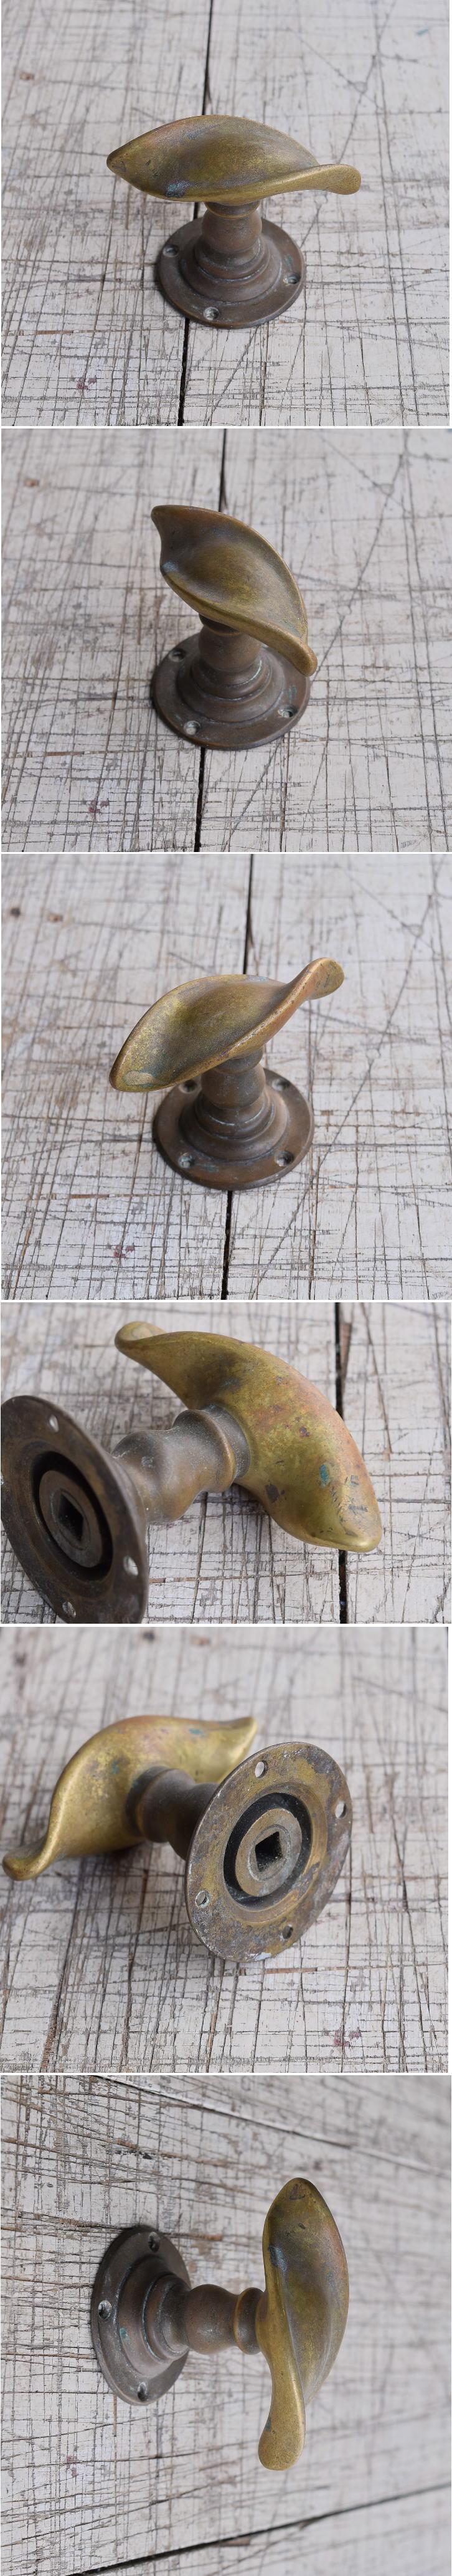 イギリス アンティーク 真鍮 ドアノブ 建具金物 握り玉 9835